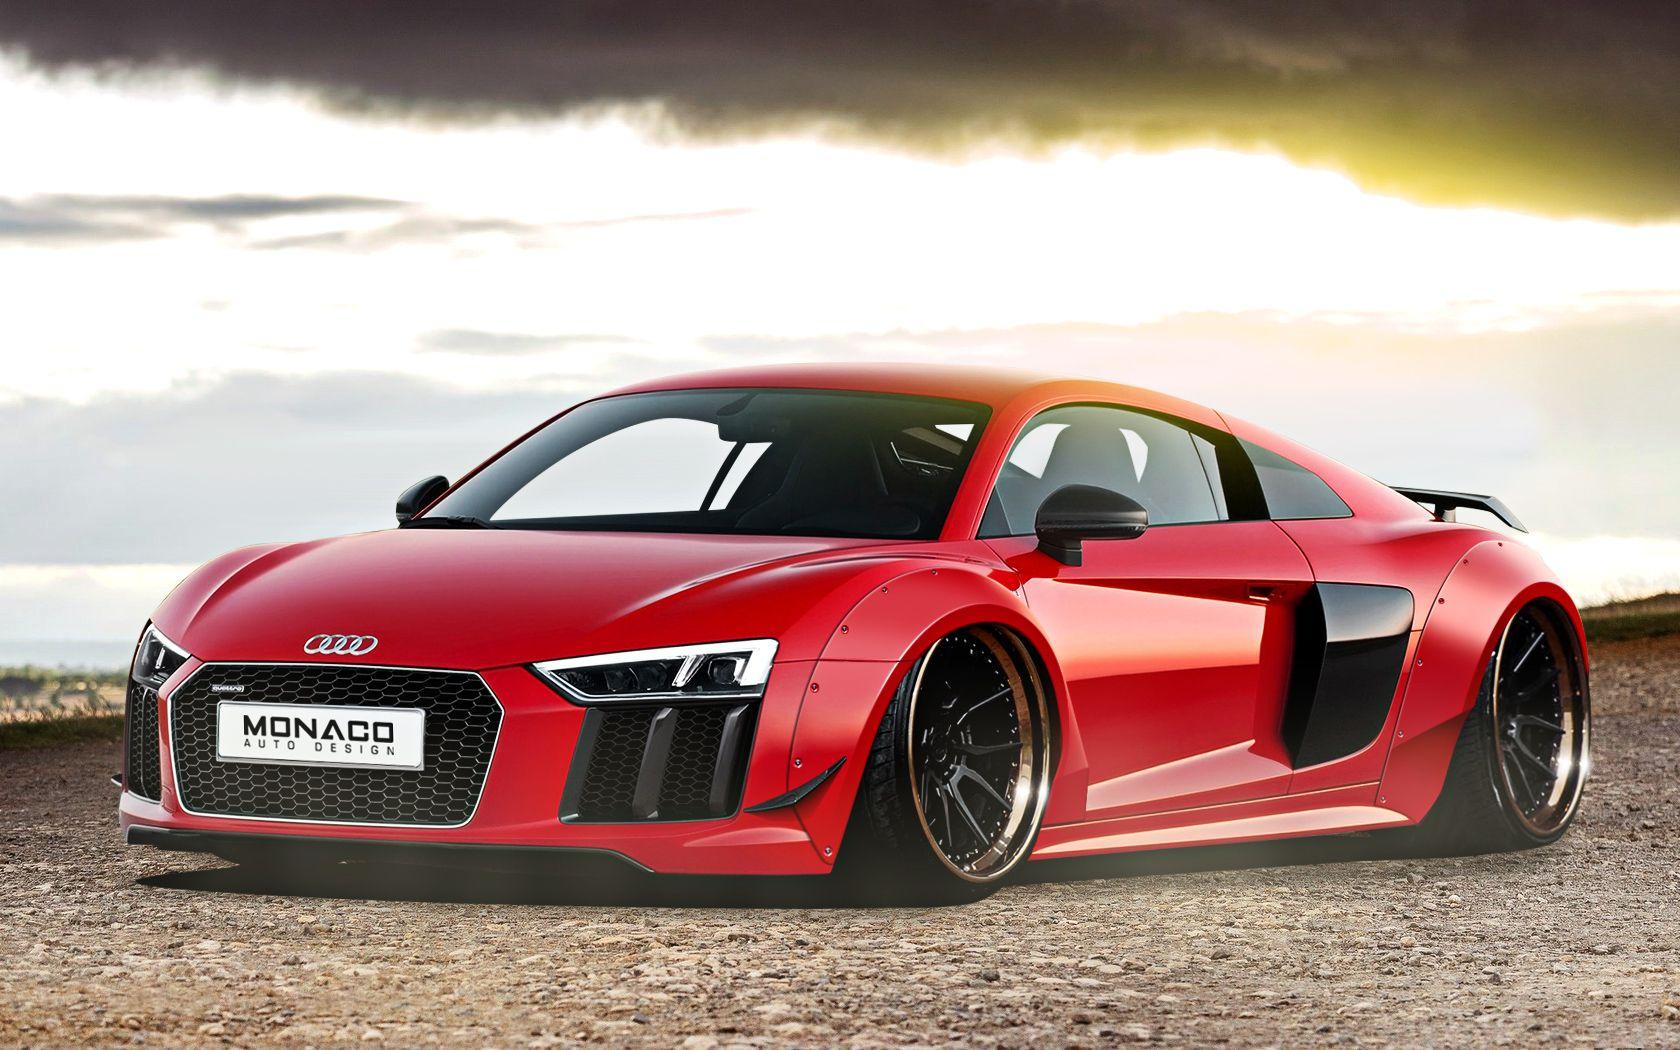 Red Audi r20 v20 wide body   Red audi, Audi, Audi r20 v20